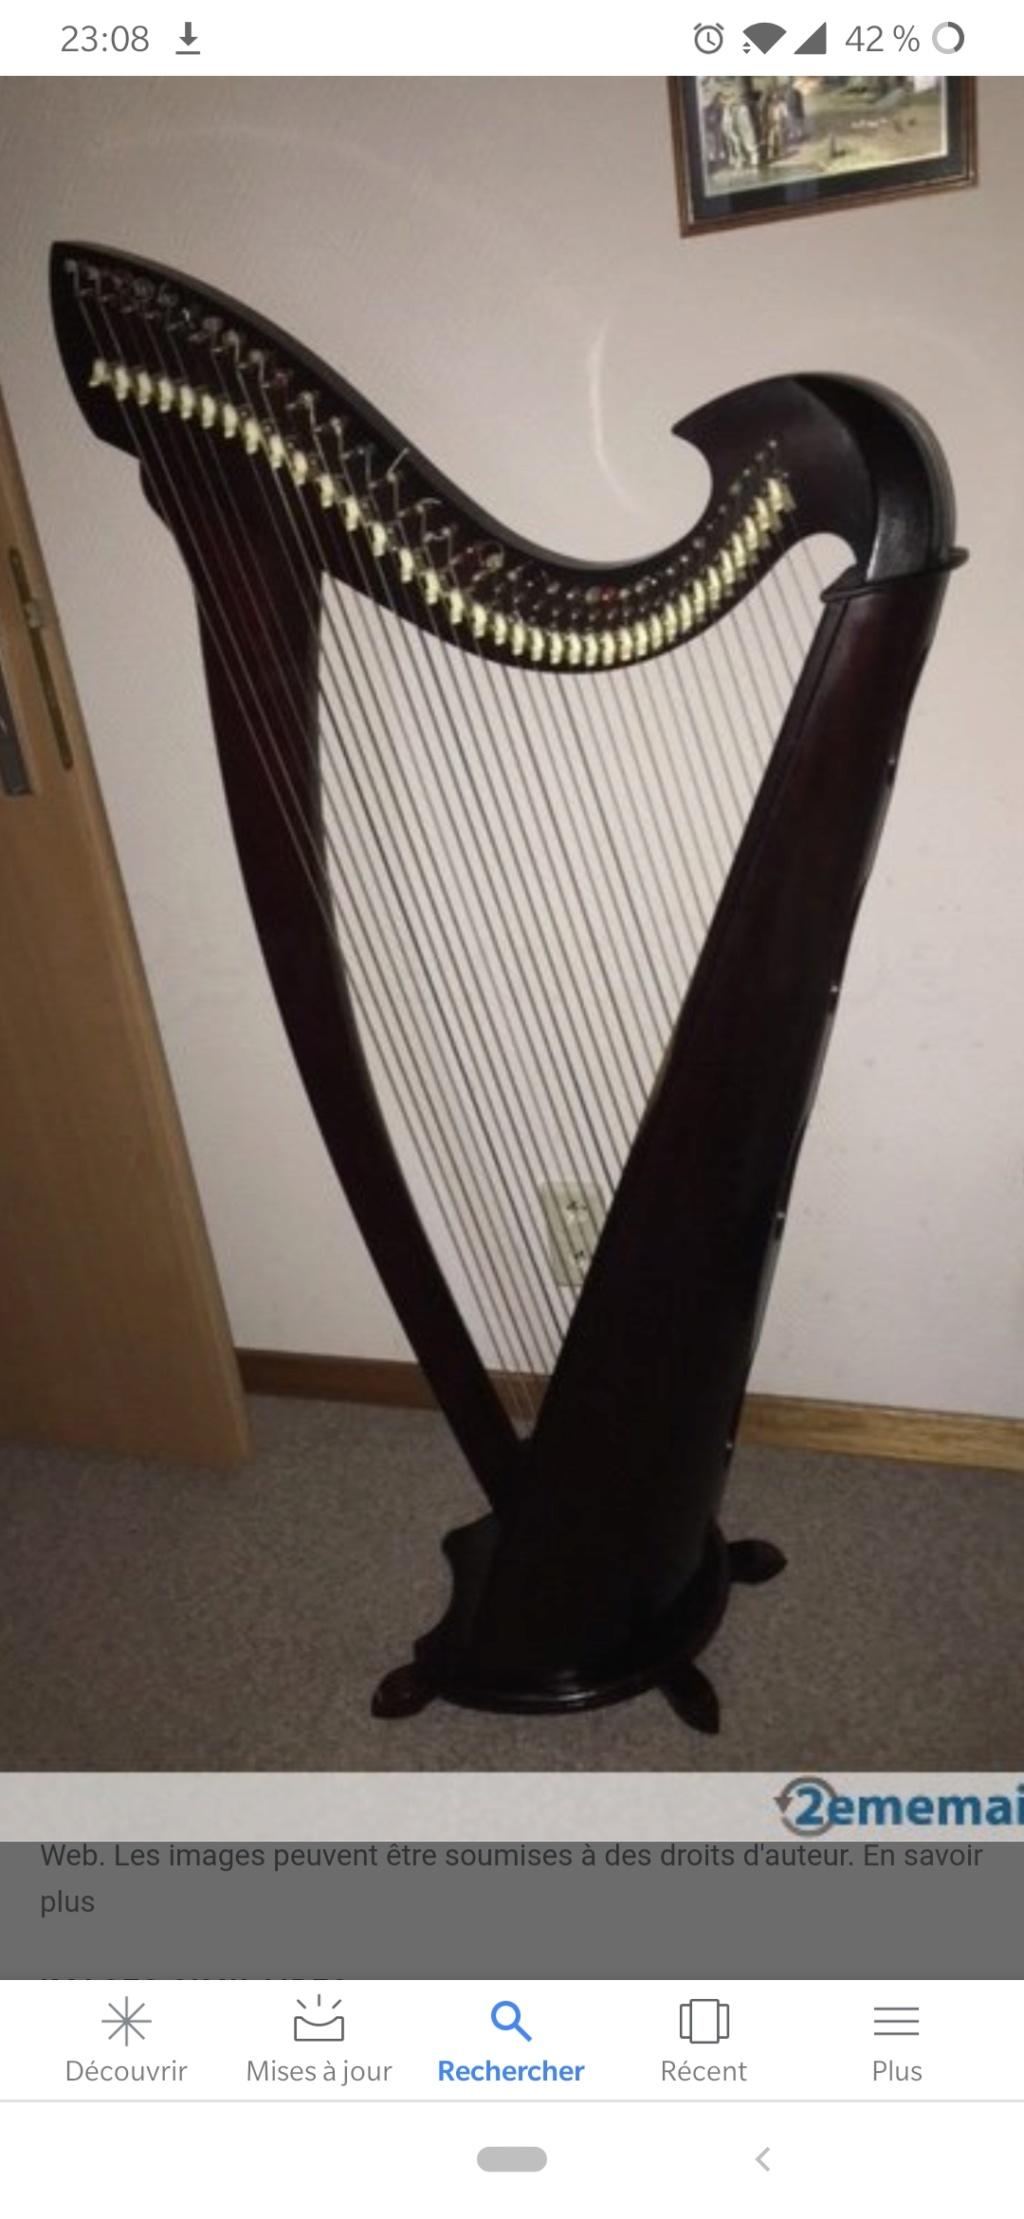 Pouvez vous m'aider à identifier cette harpe ? Screen10